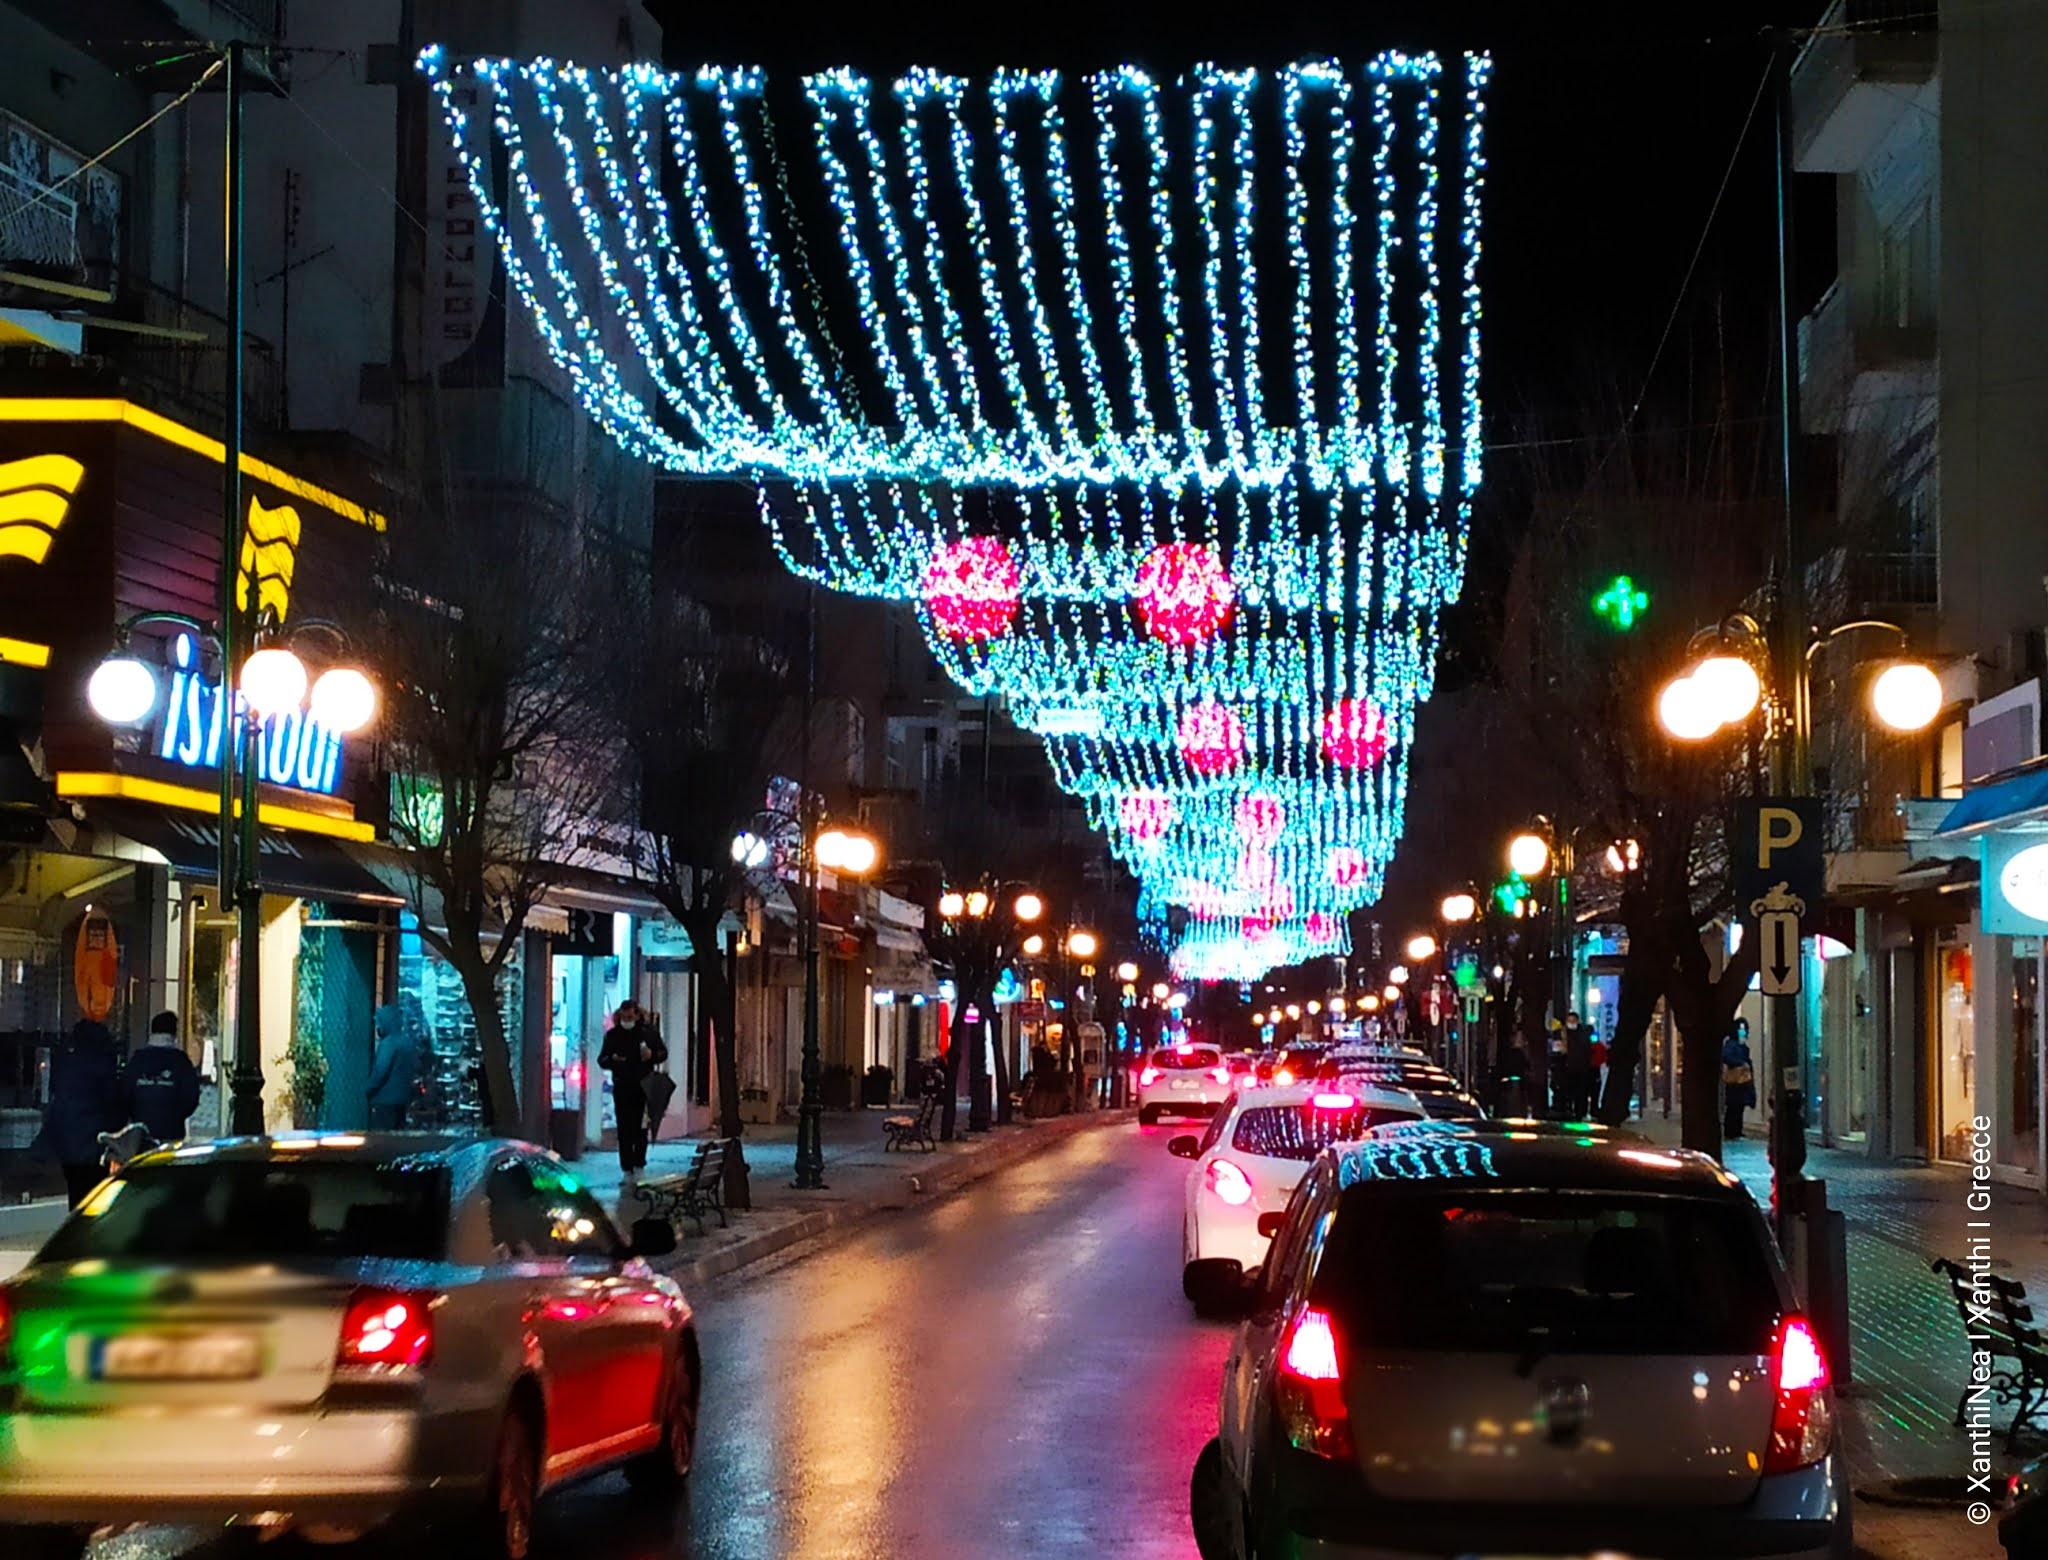 Χριστουγεννιάτικη αλλά... έρημη η Ξάνθη (+ΦΩΤΟ)